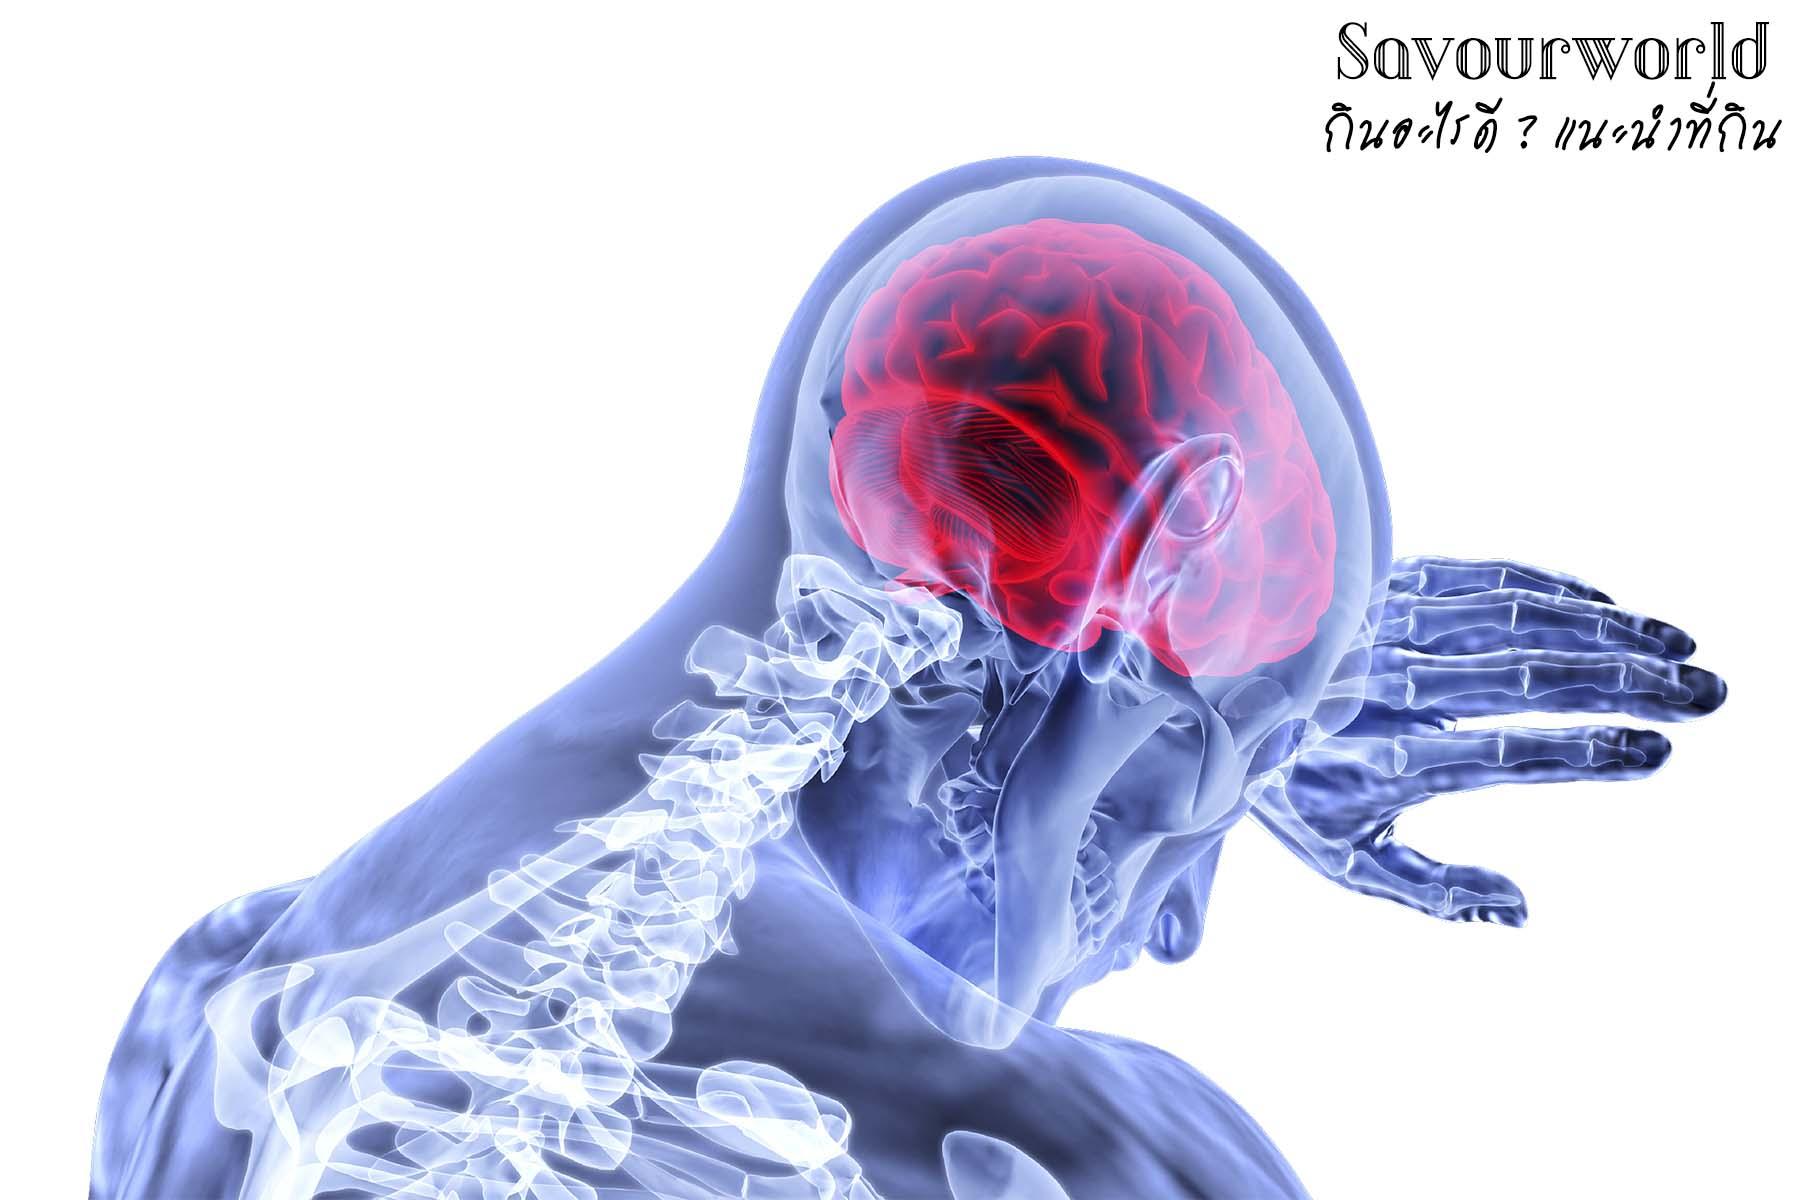 อาหารที่ดีก็สำคัญต่อสมองนะ - savourworld.com